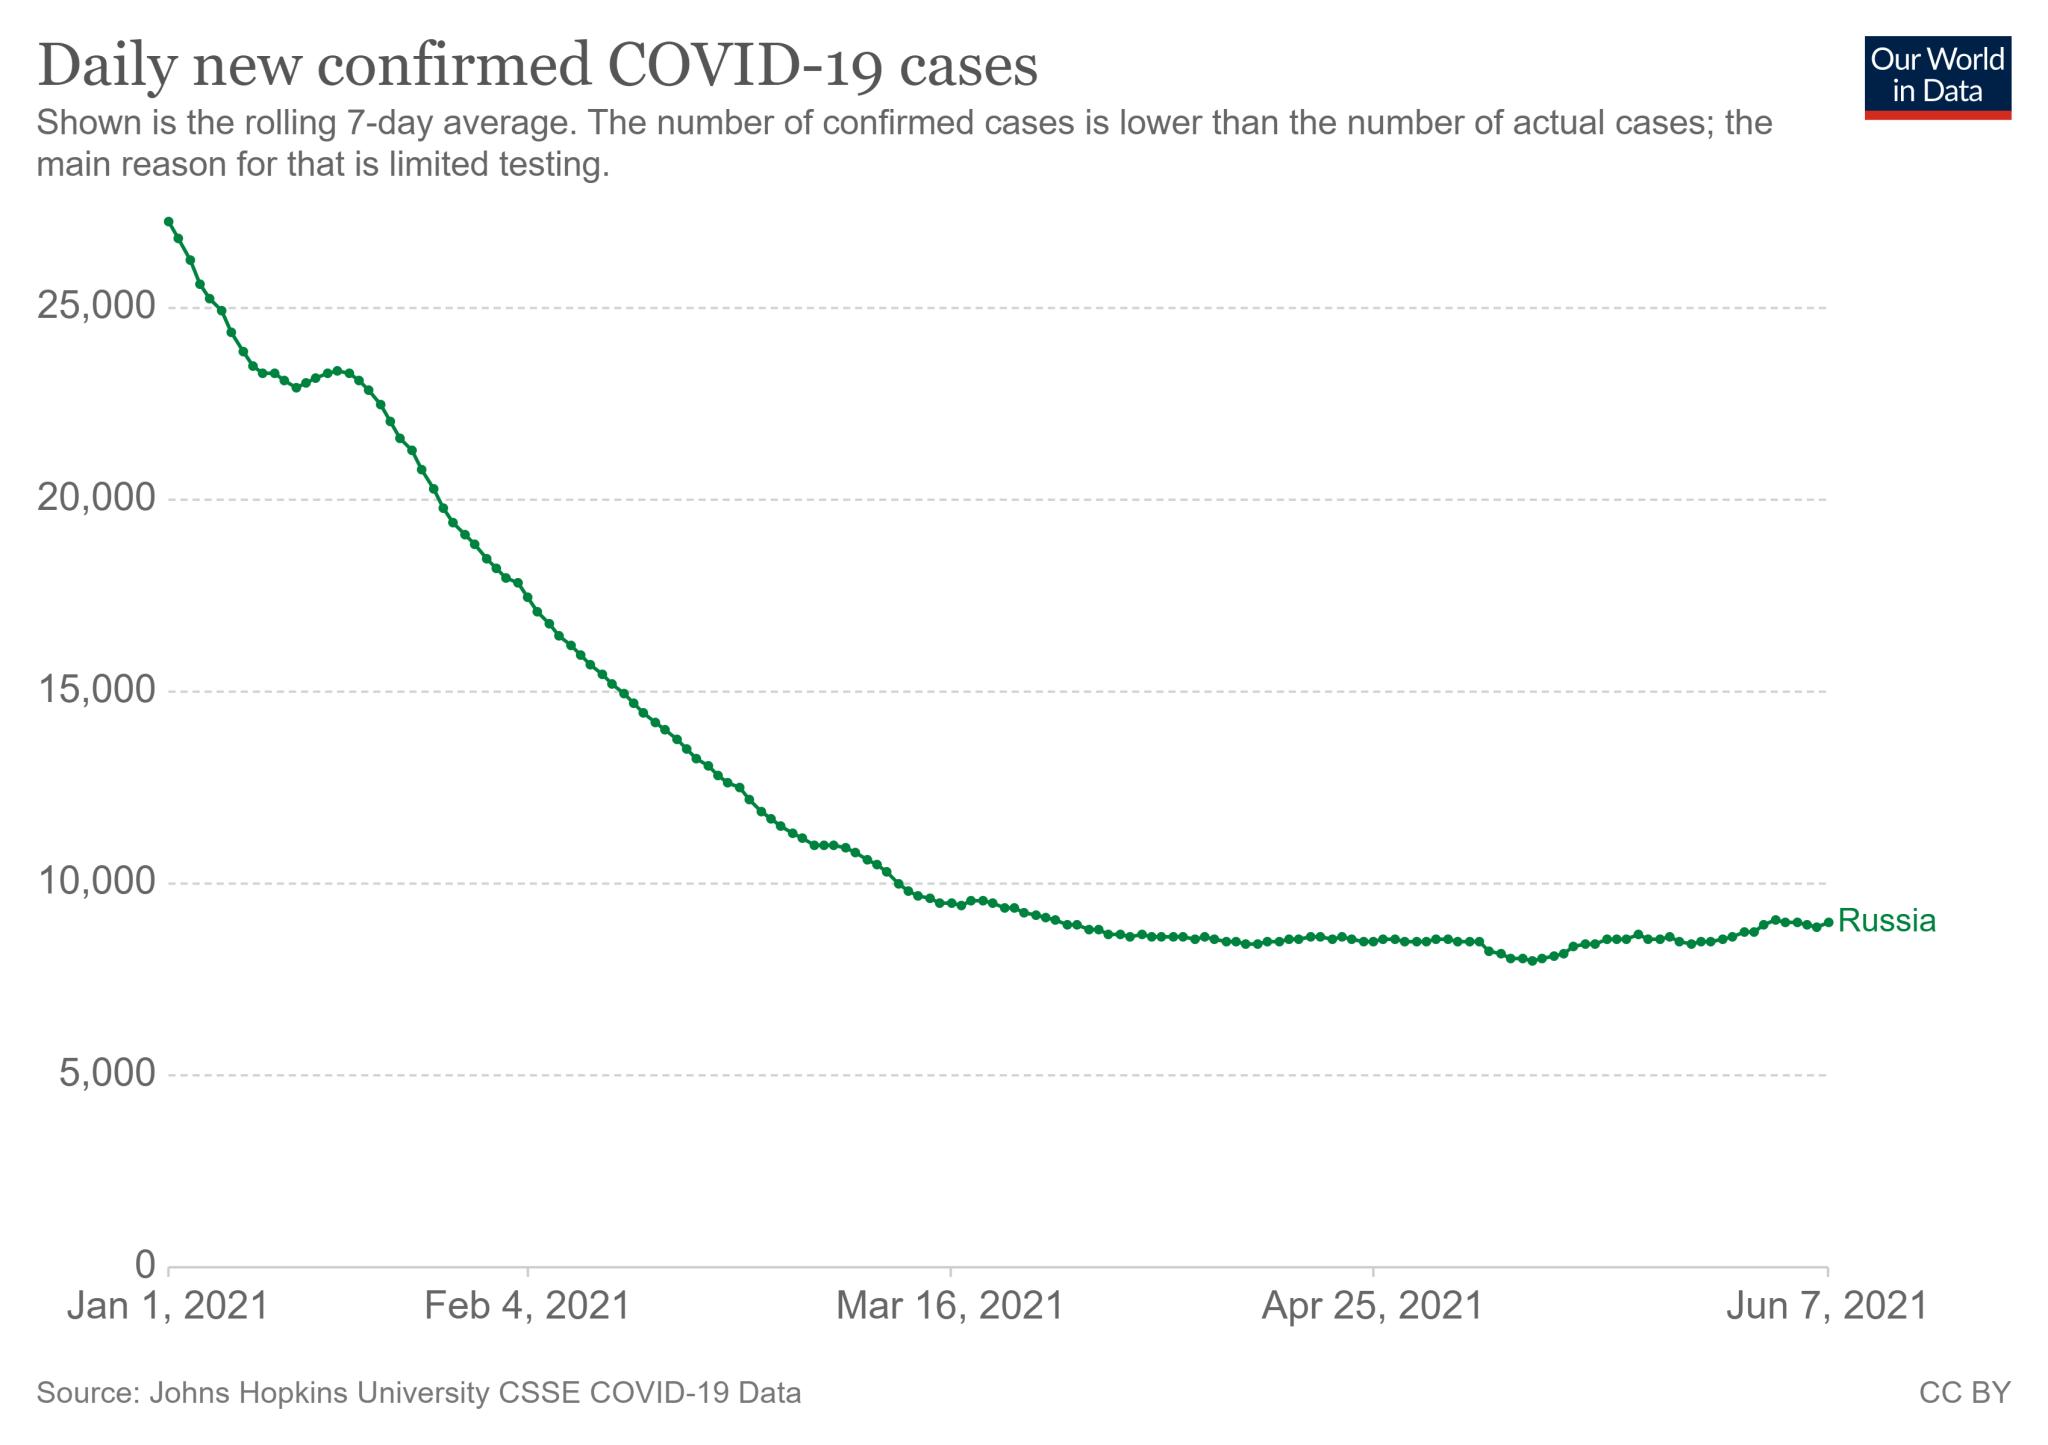 Średnia siedmiodniowa nowych stwierdzanych przypadków COVID-19 w Rosji od 1 stycznia do 7 czerwca